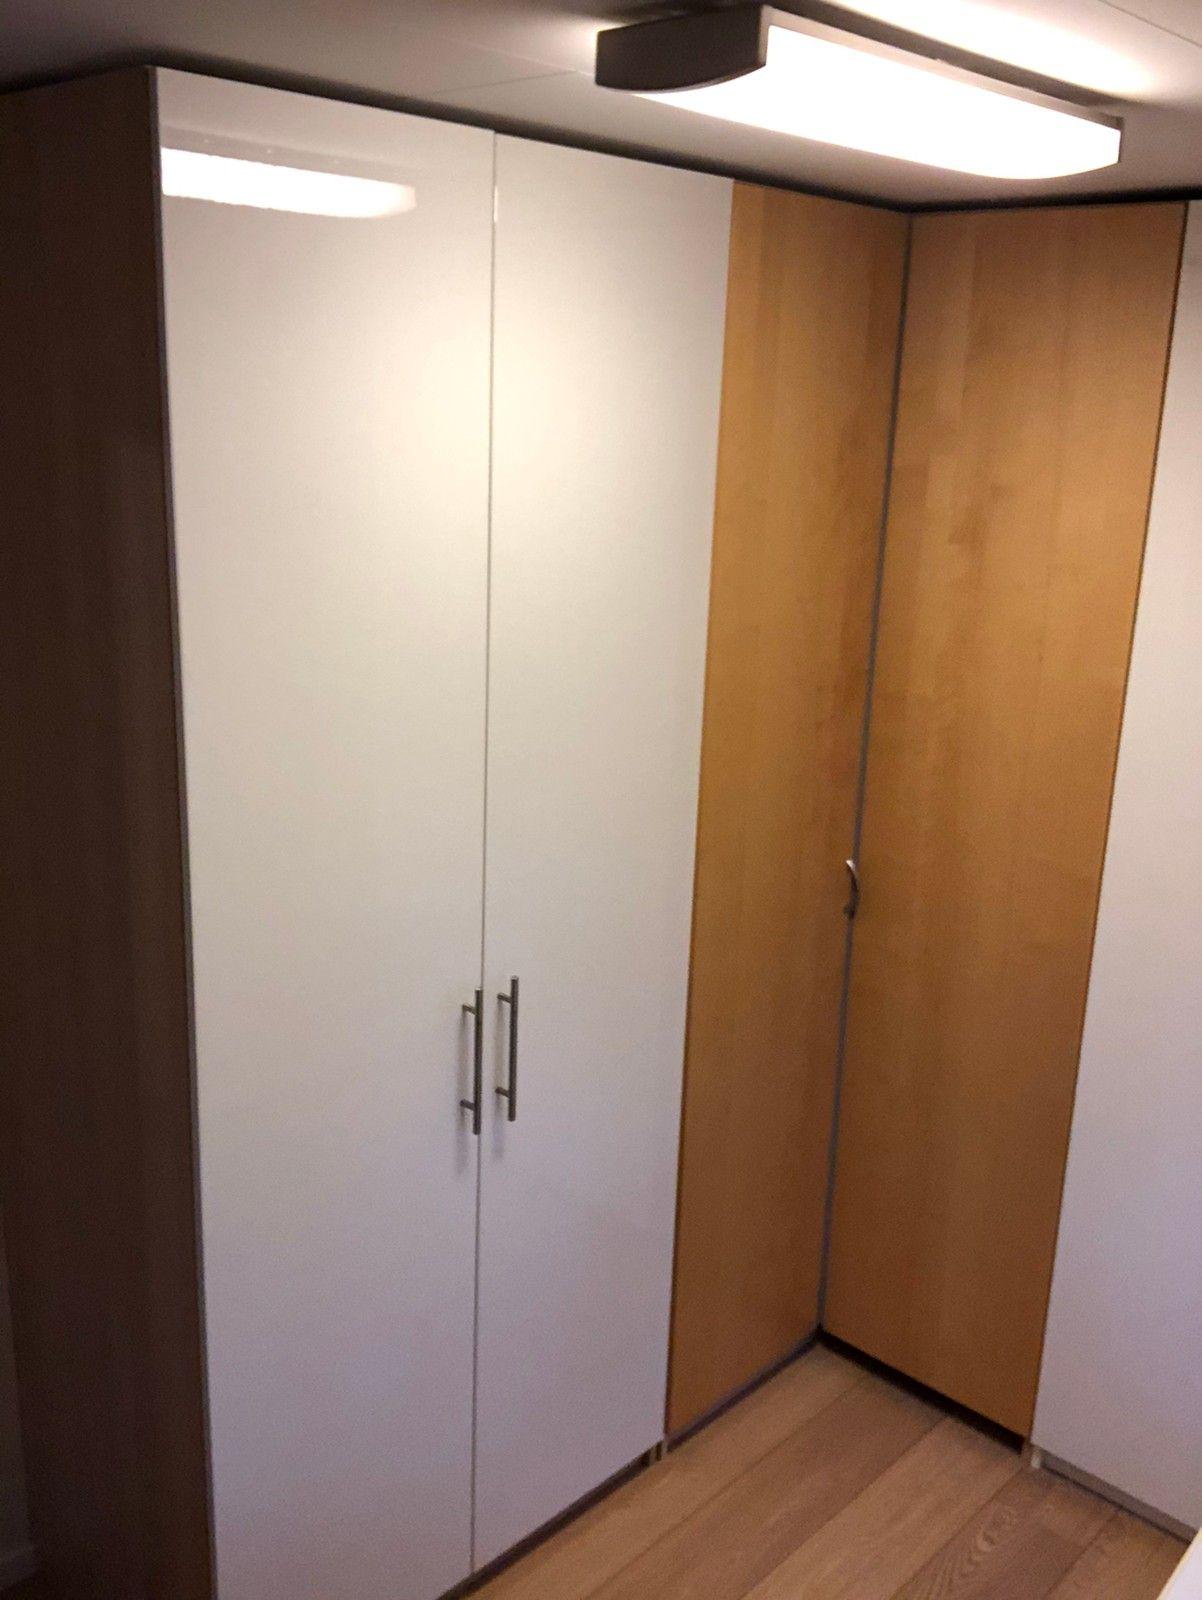 Pax garderobeskap 236cm høyde med Fardal dører   FINN.no